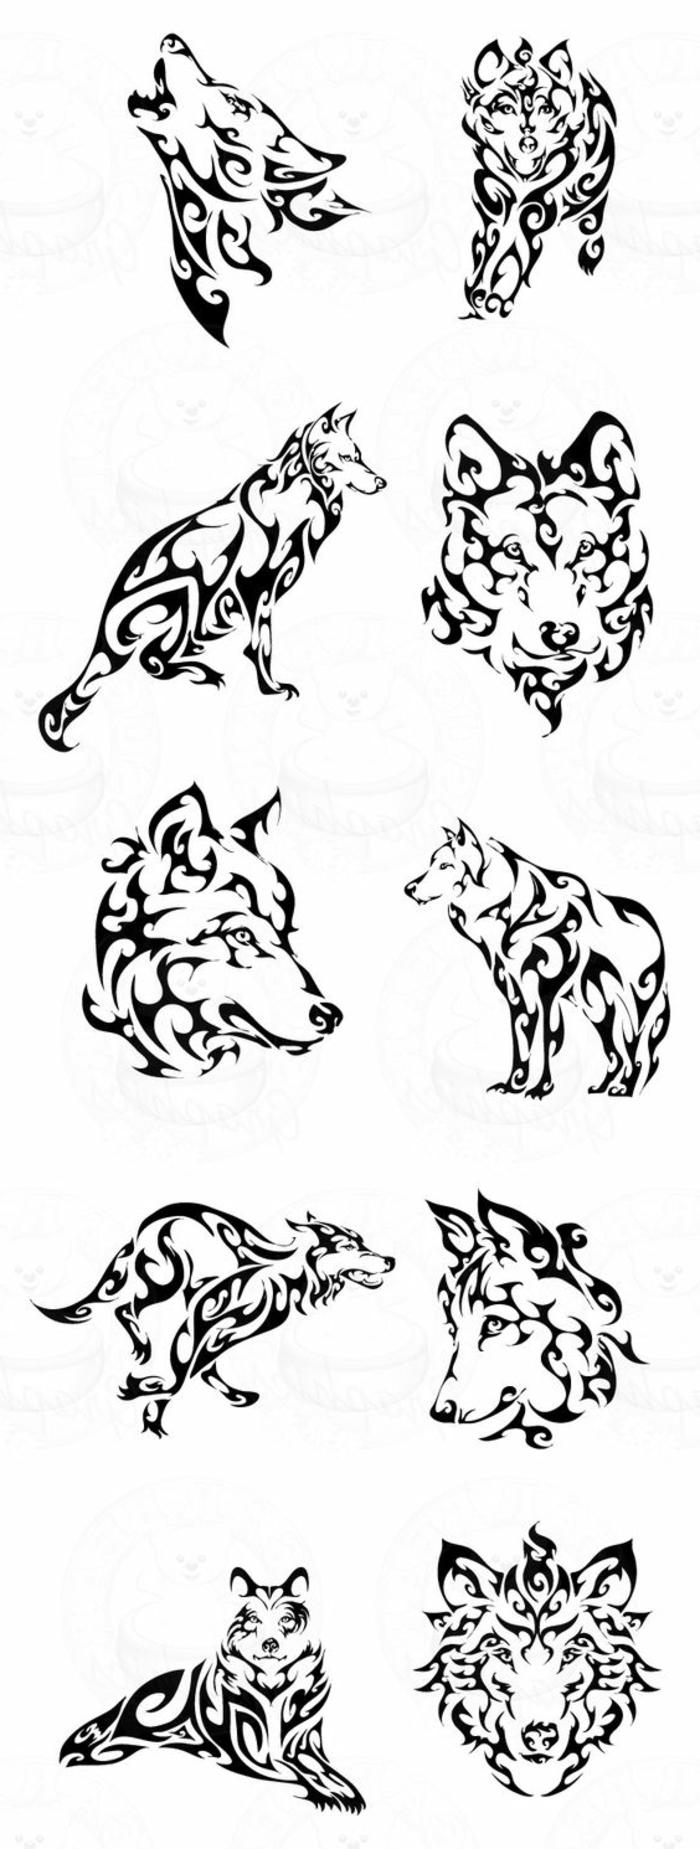 tribal wolf - hier finden sie ganz verschiedene ideen für tolle tribal wolf tattoos